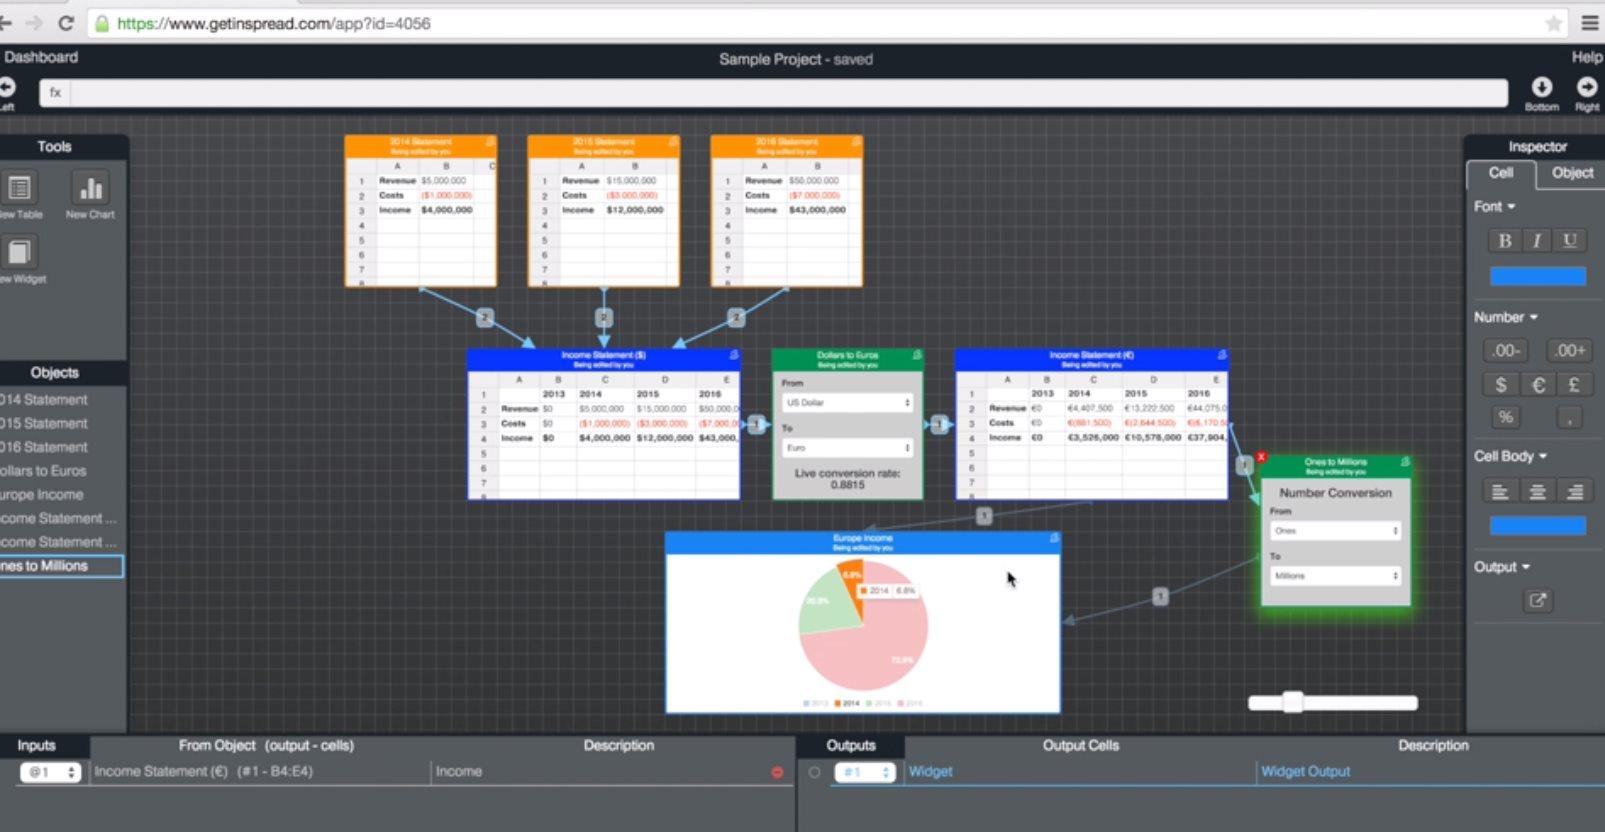 inspread, una impresionante forma de trabajar con datos en una plataforma web